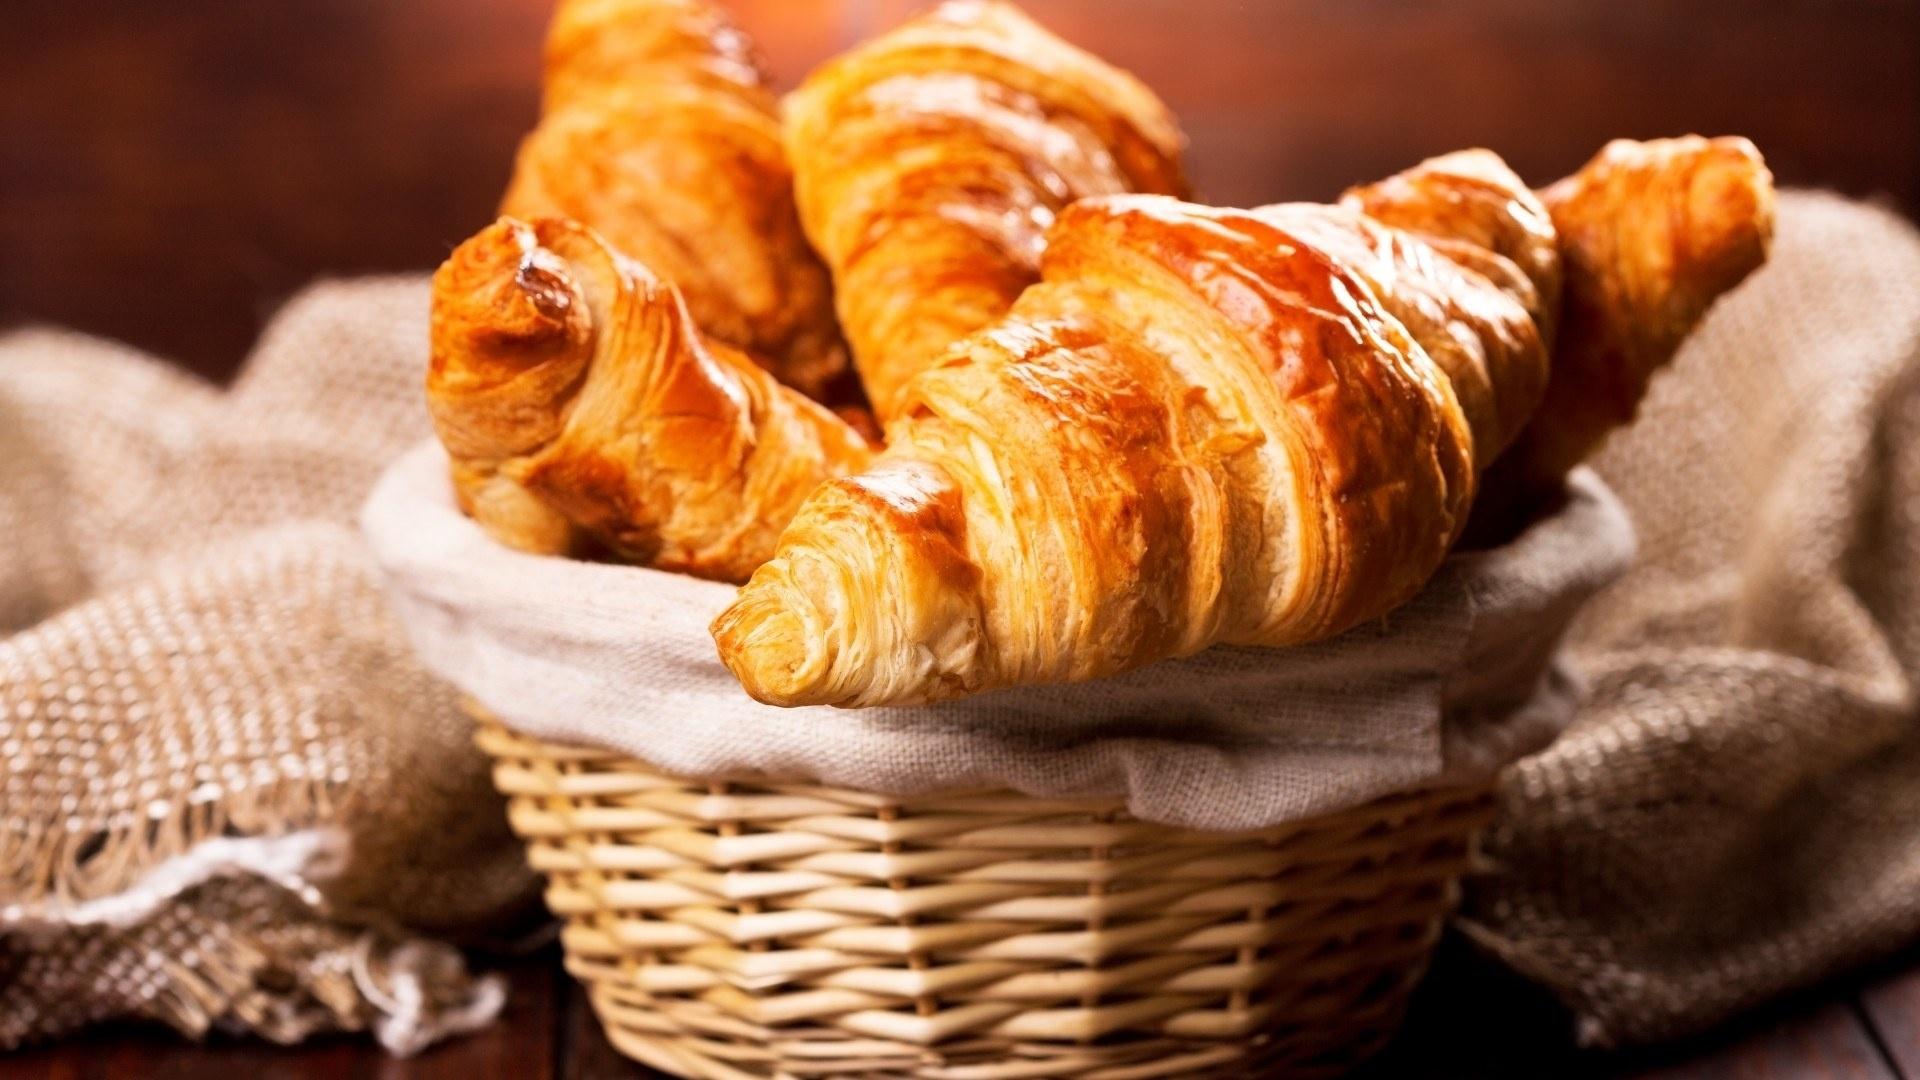 Croissants Picture